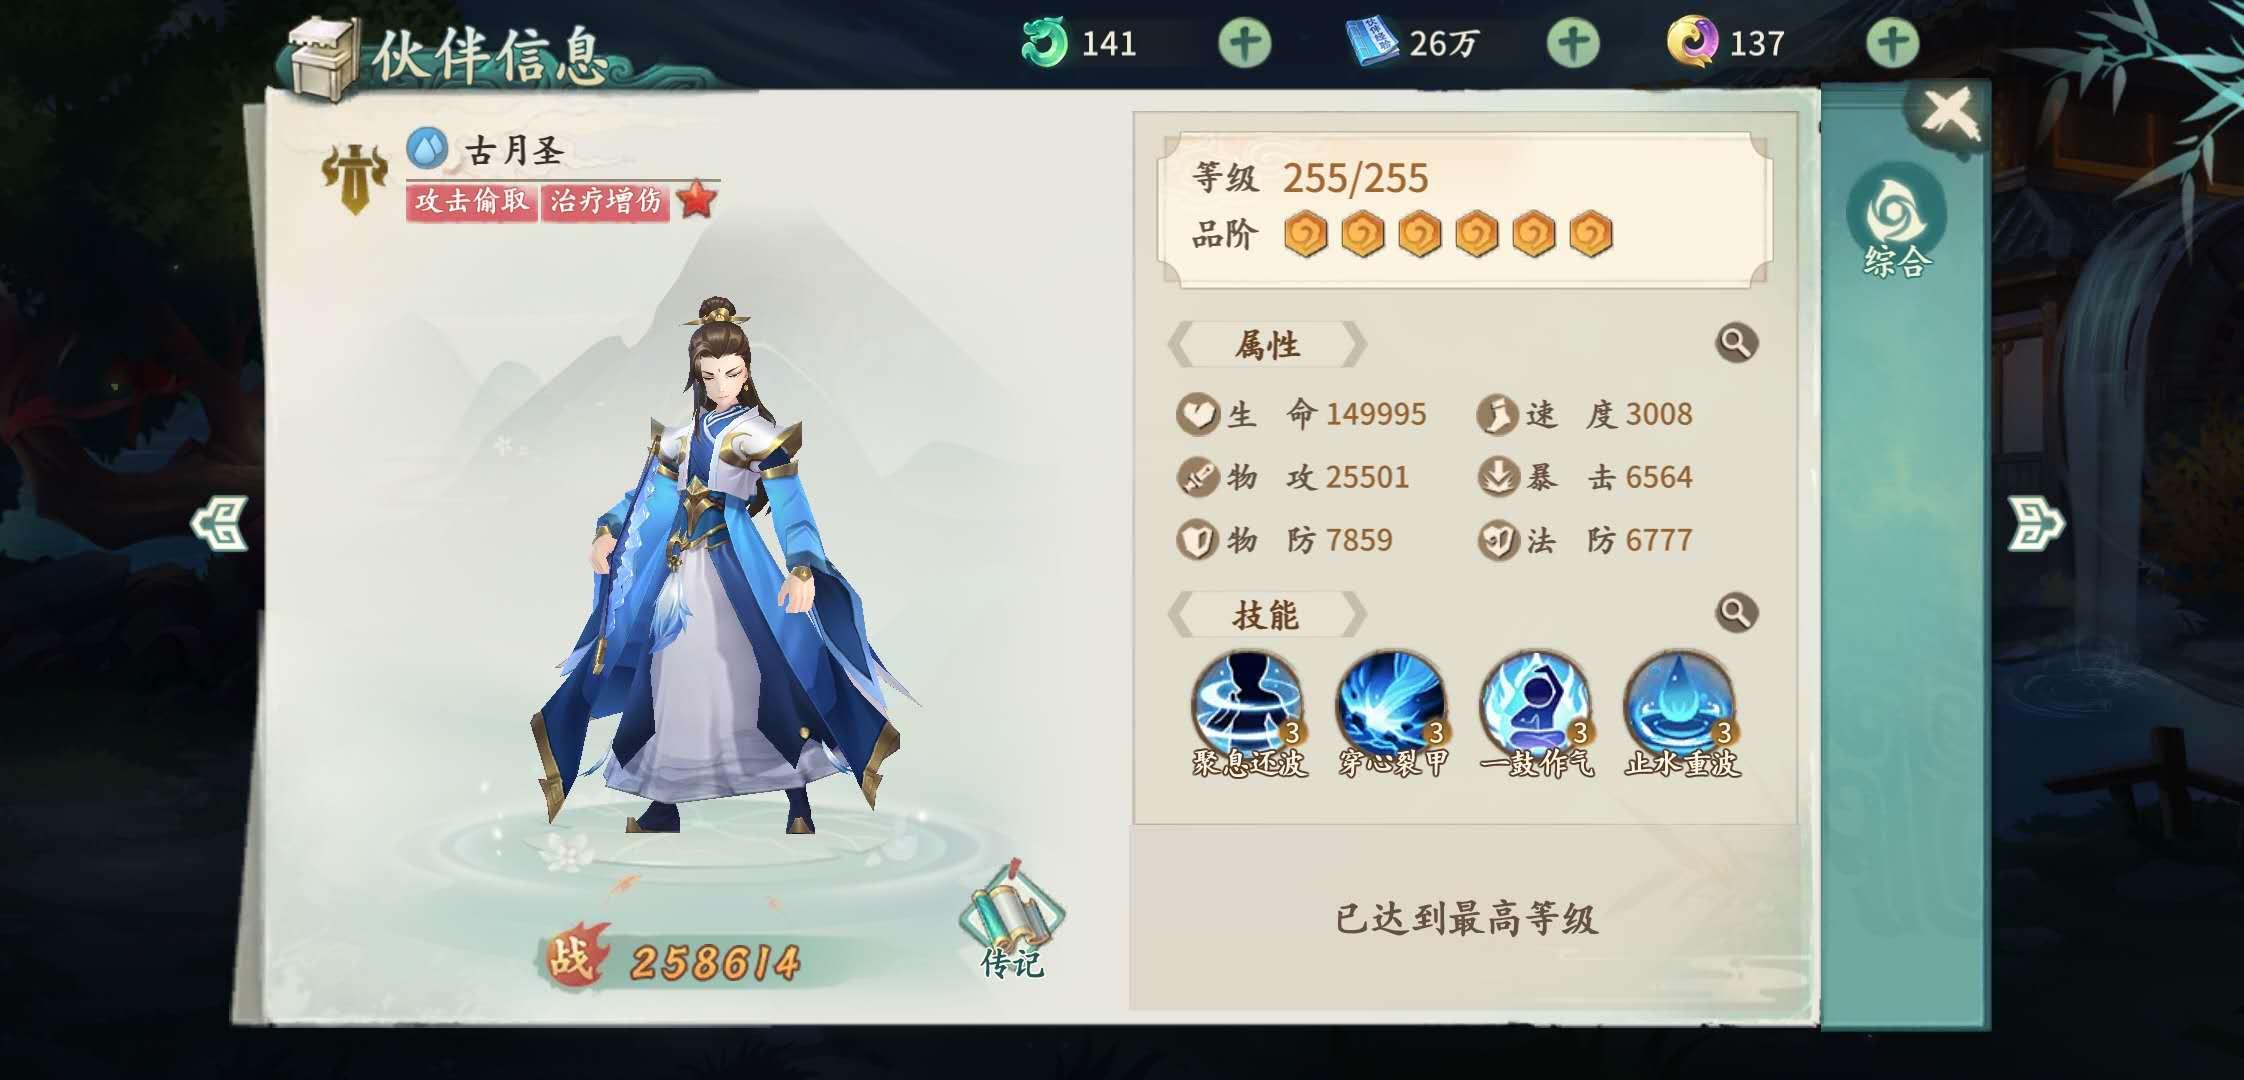 轩辕剑:剑之源古月圣如何玩 古月圣玩法详细教程